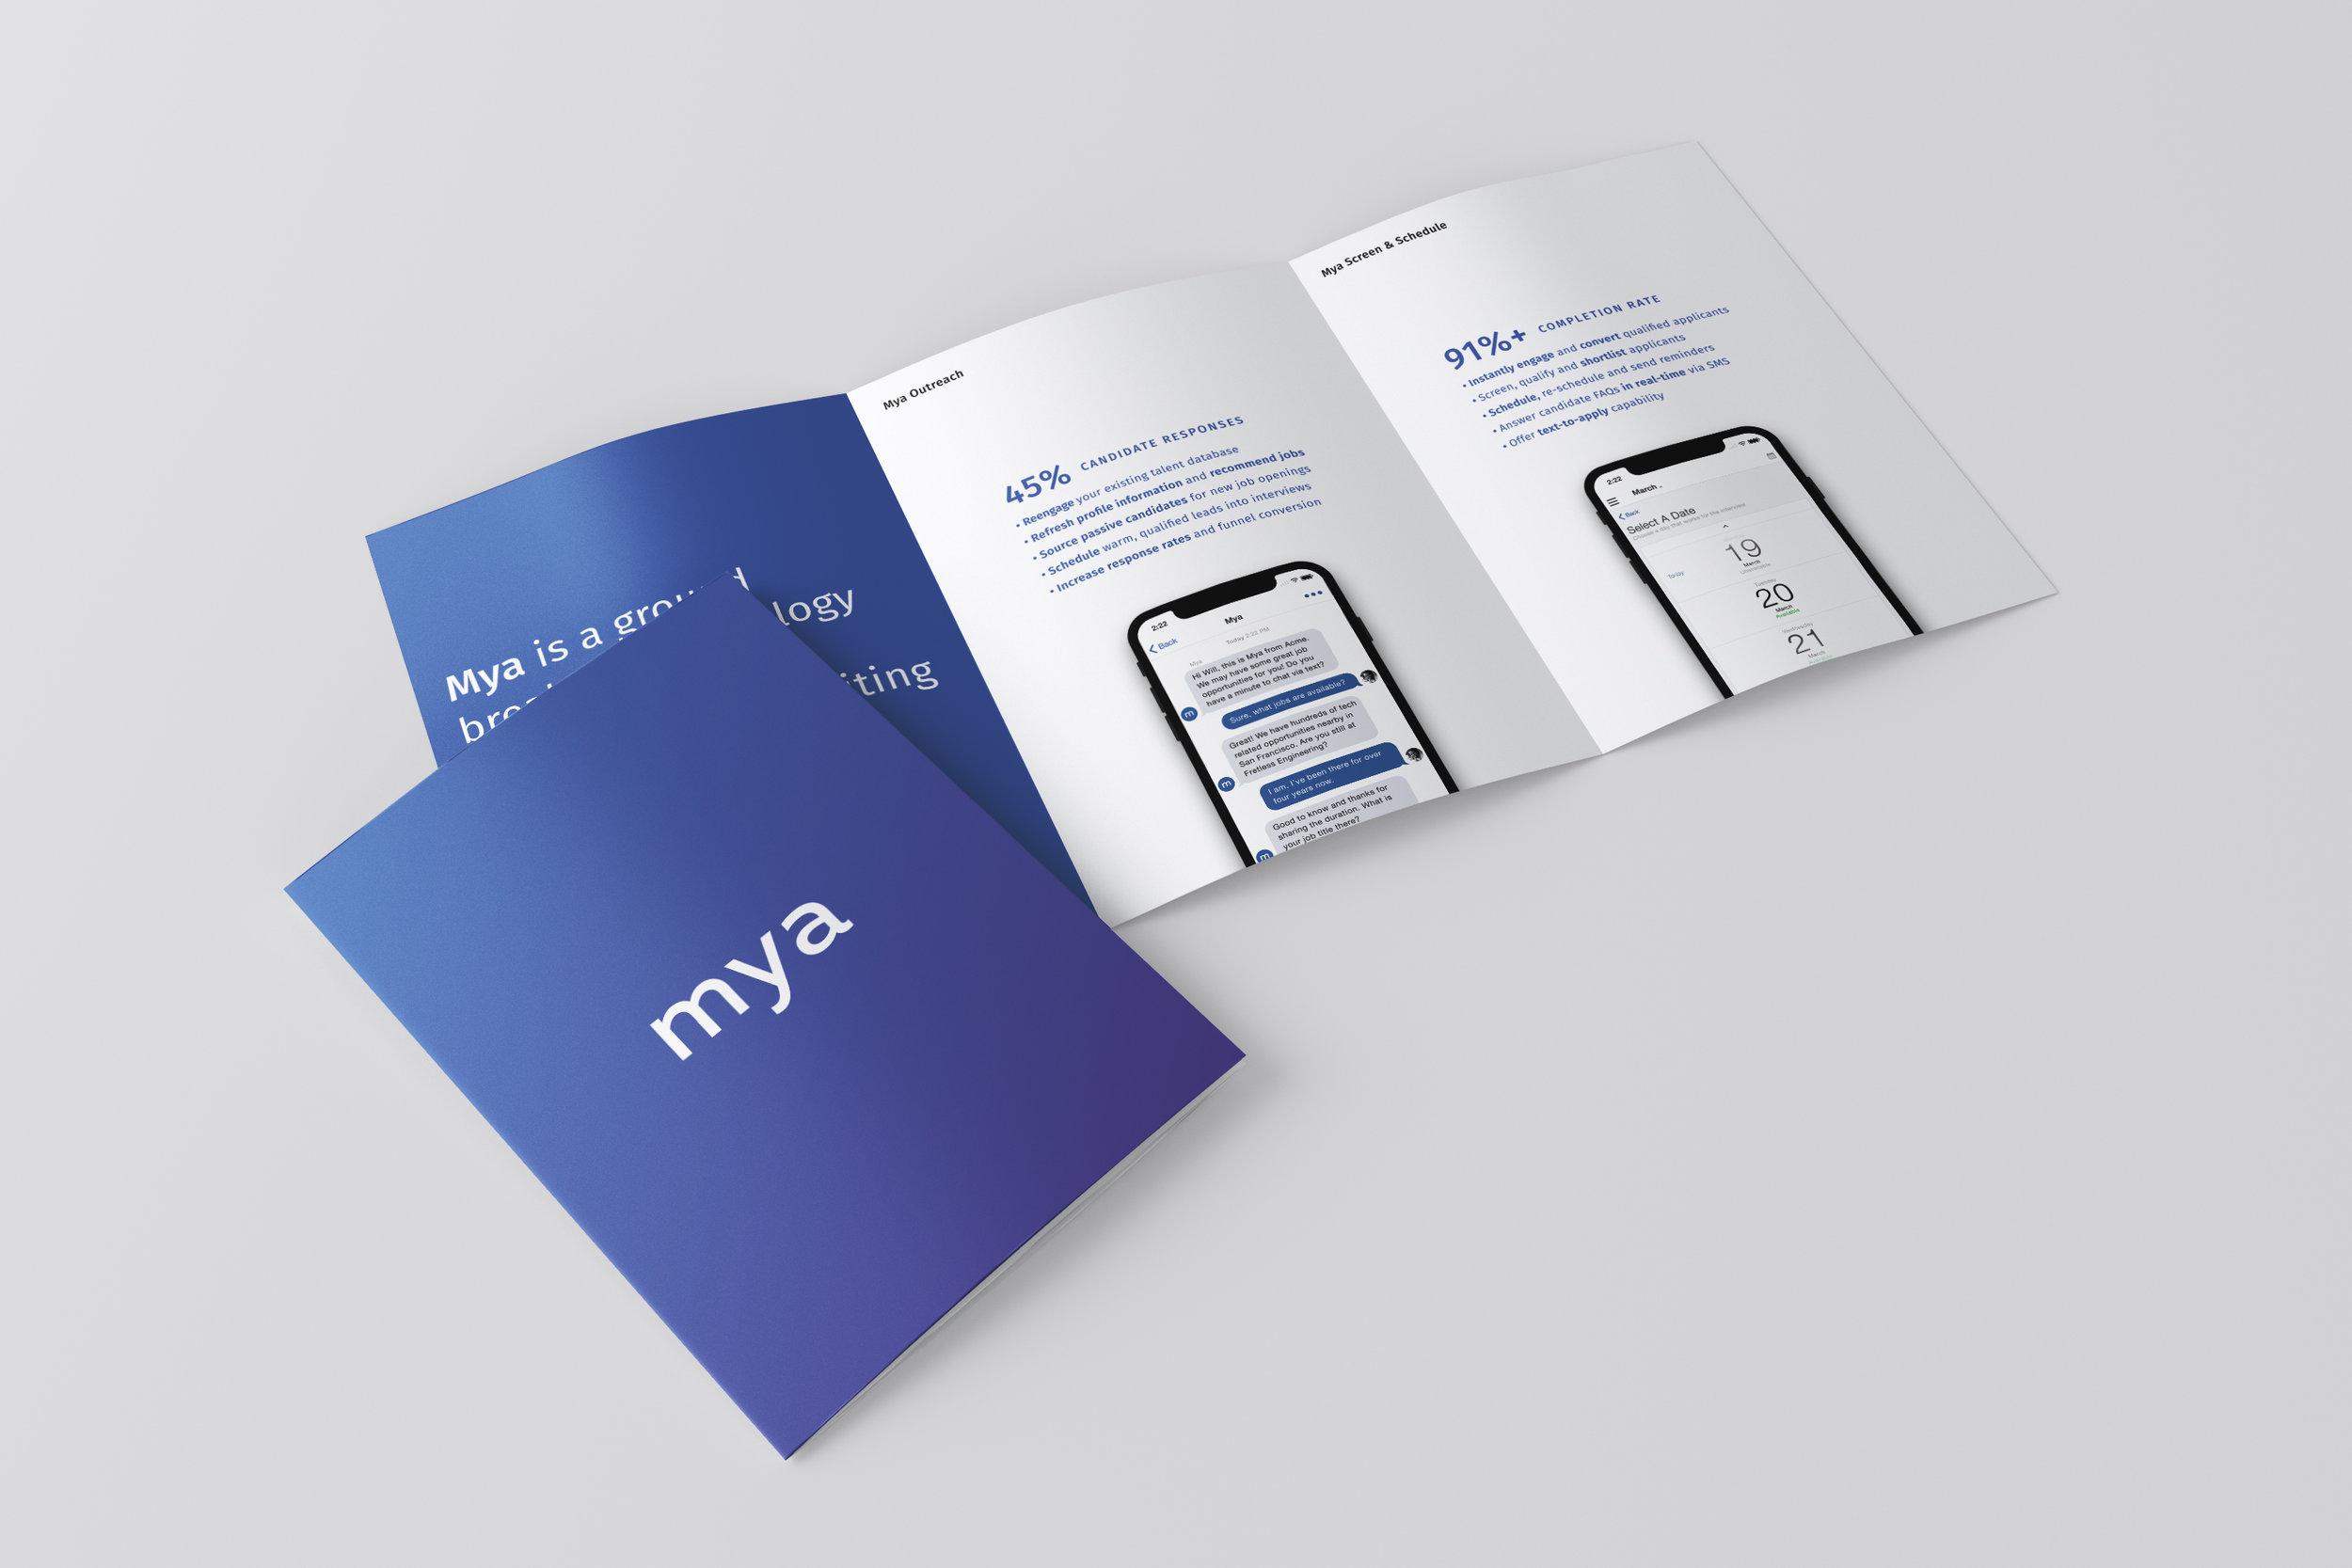 Mya_Brochure_01.jpg